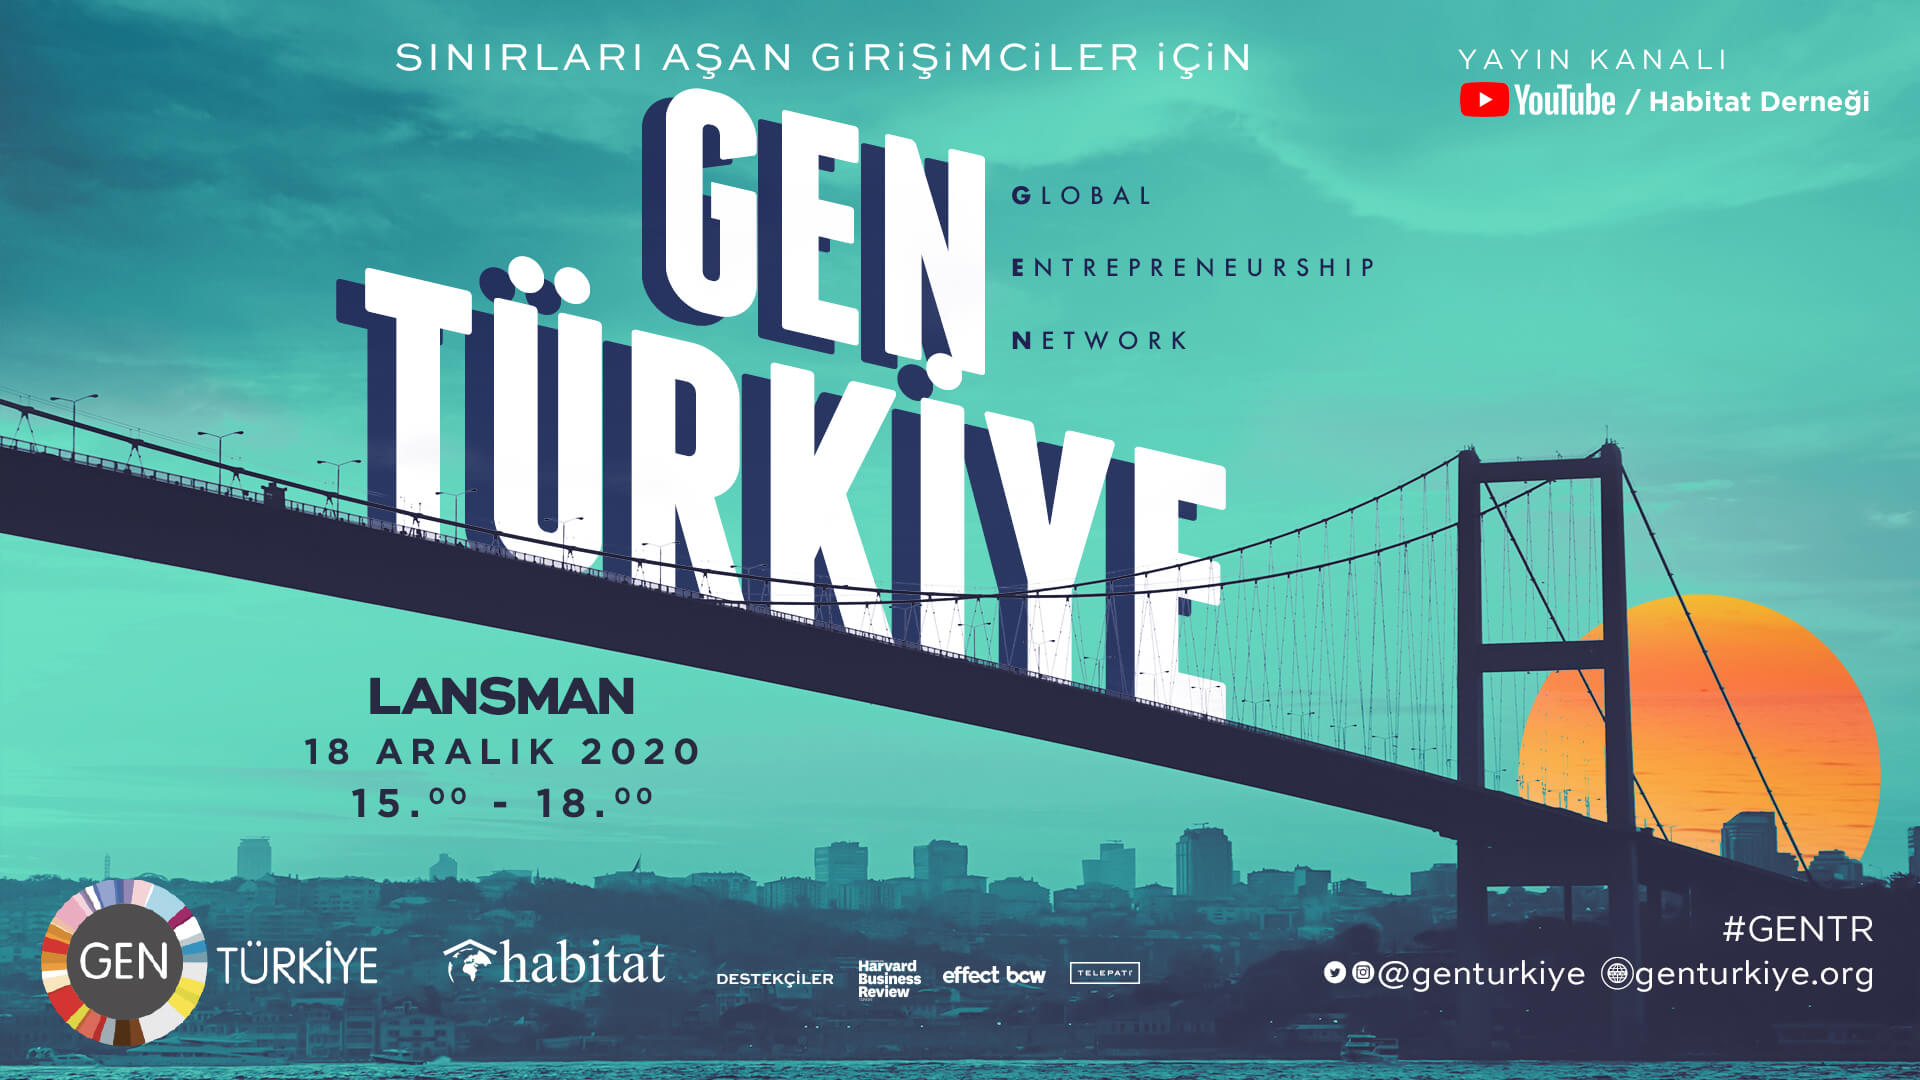 GEN (Global Girişimcilik Networkü) Türkiye kuruluyor!